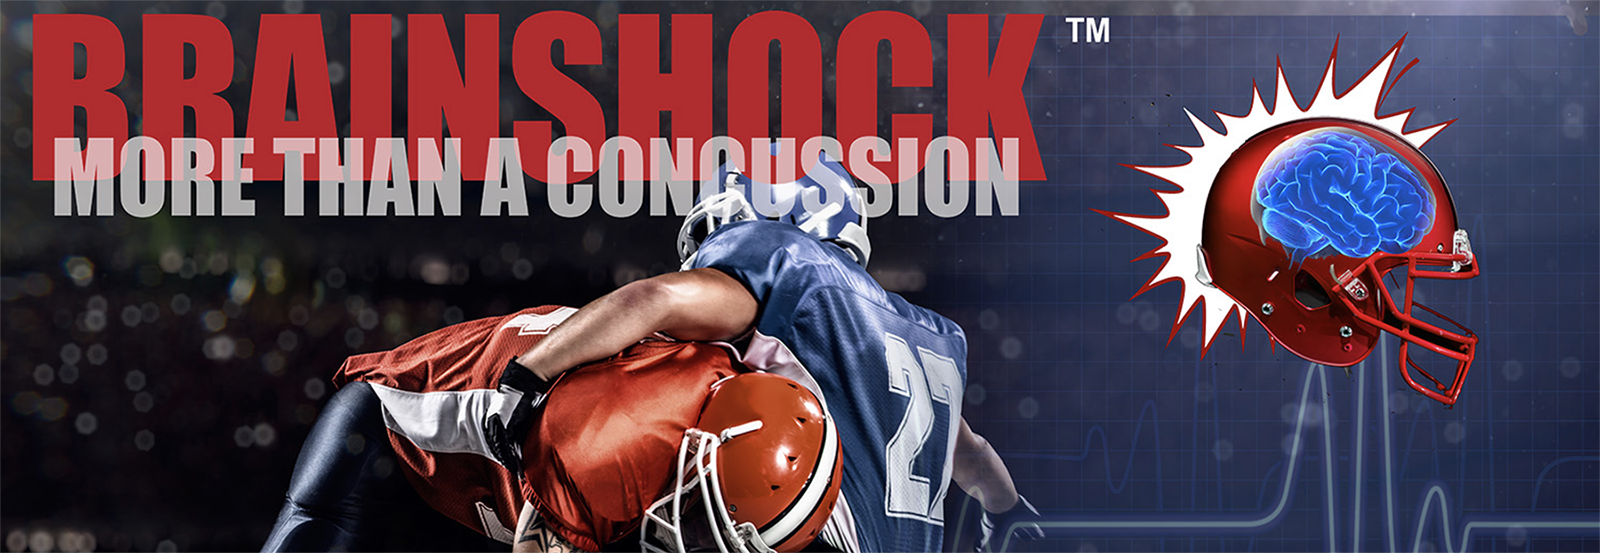 brainshock concussion